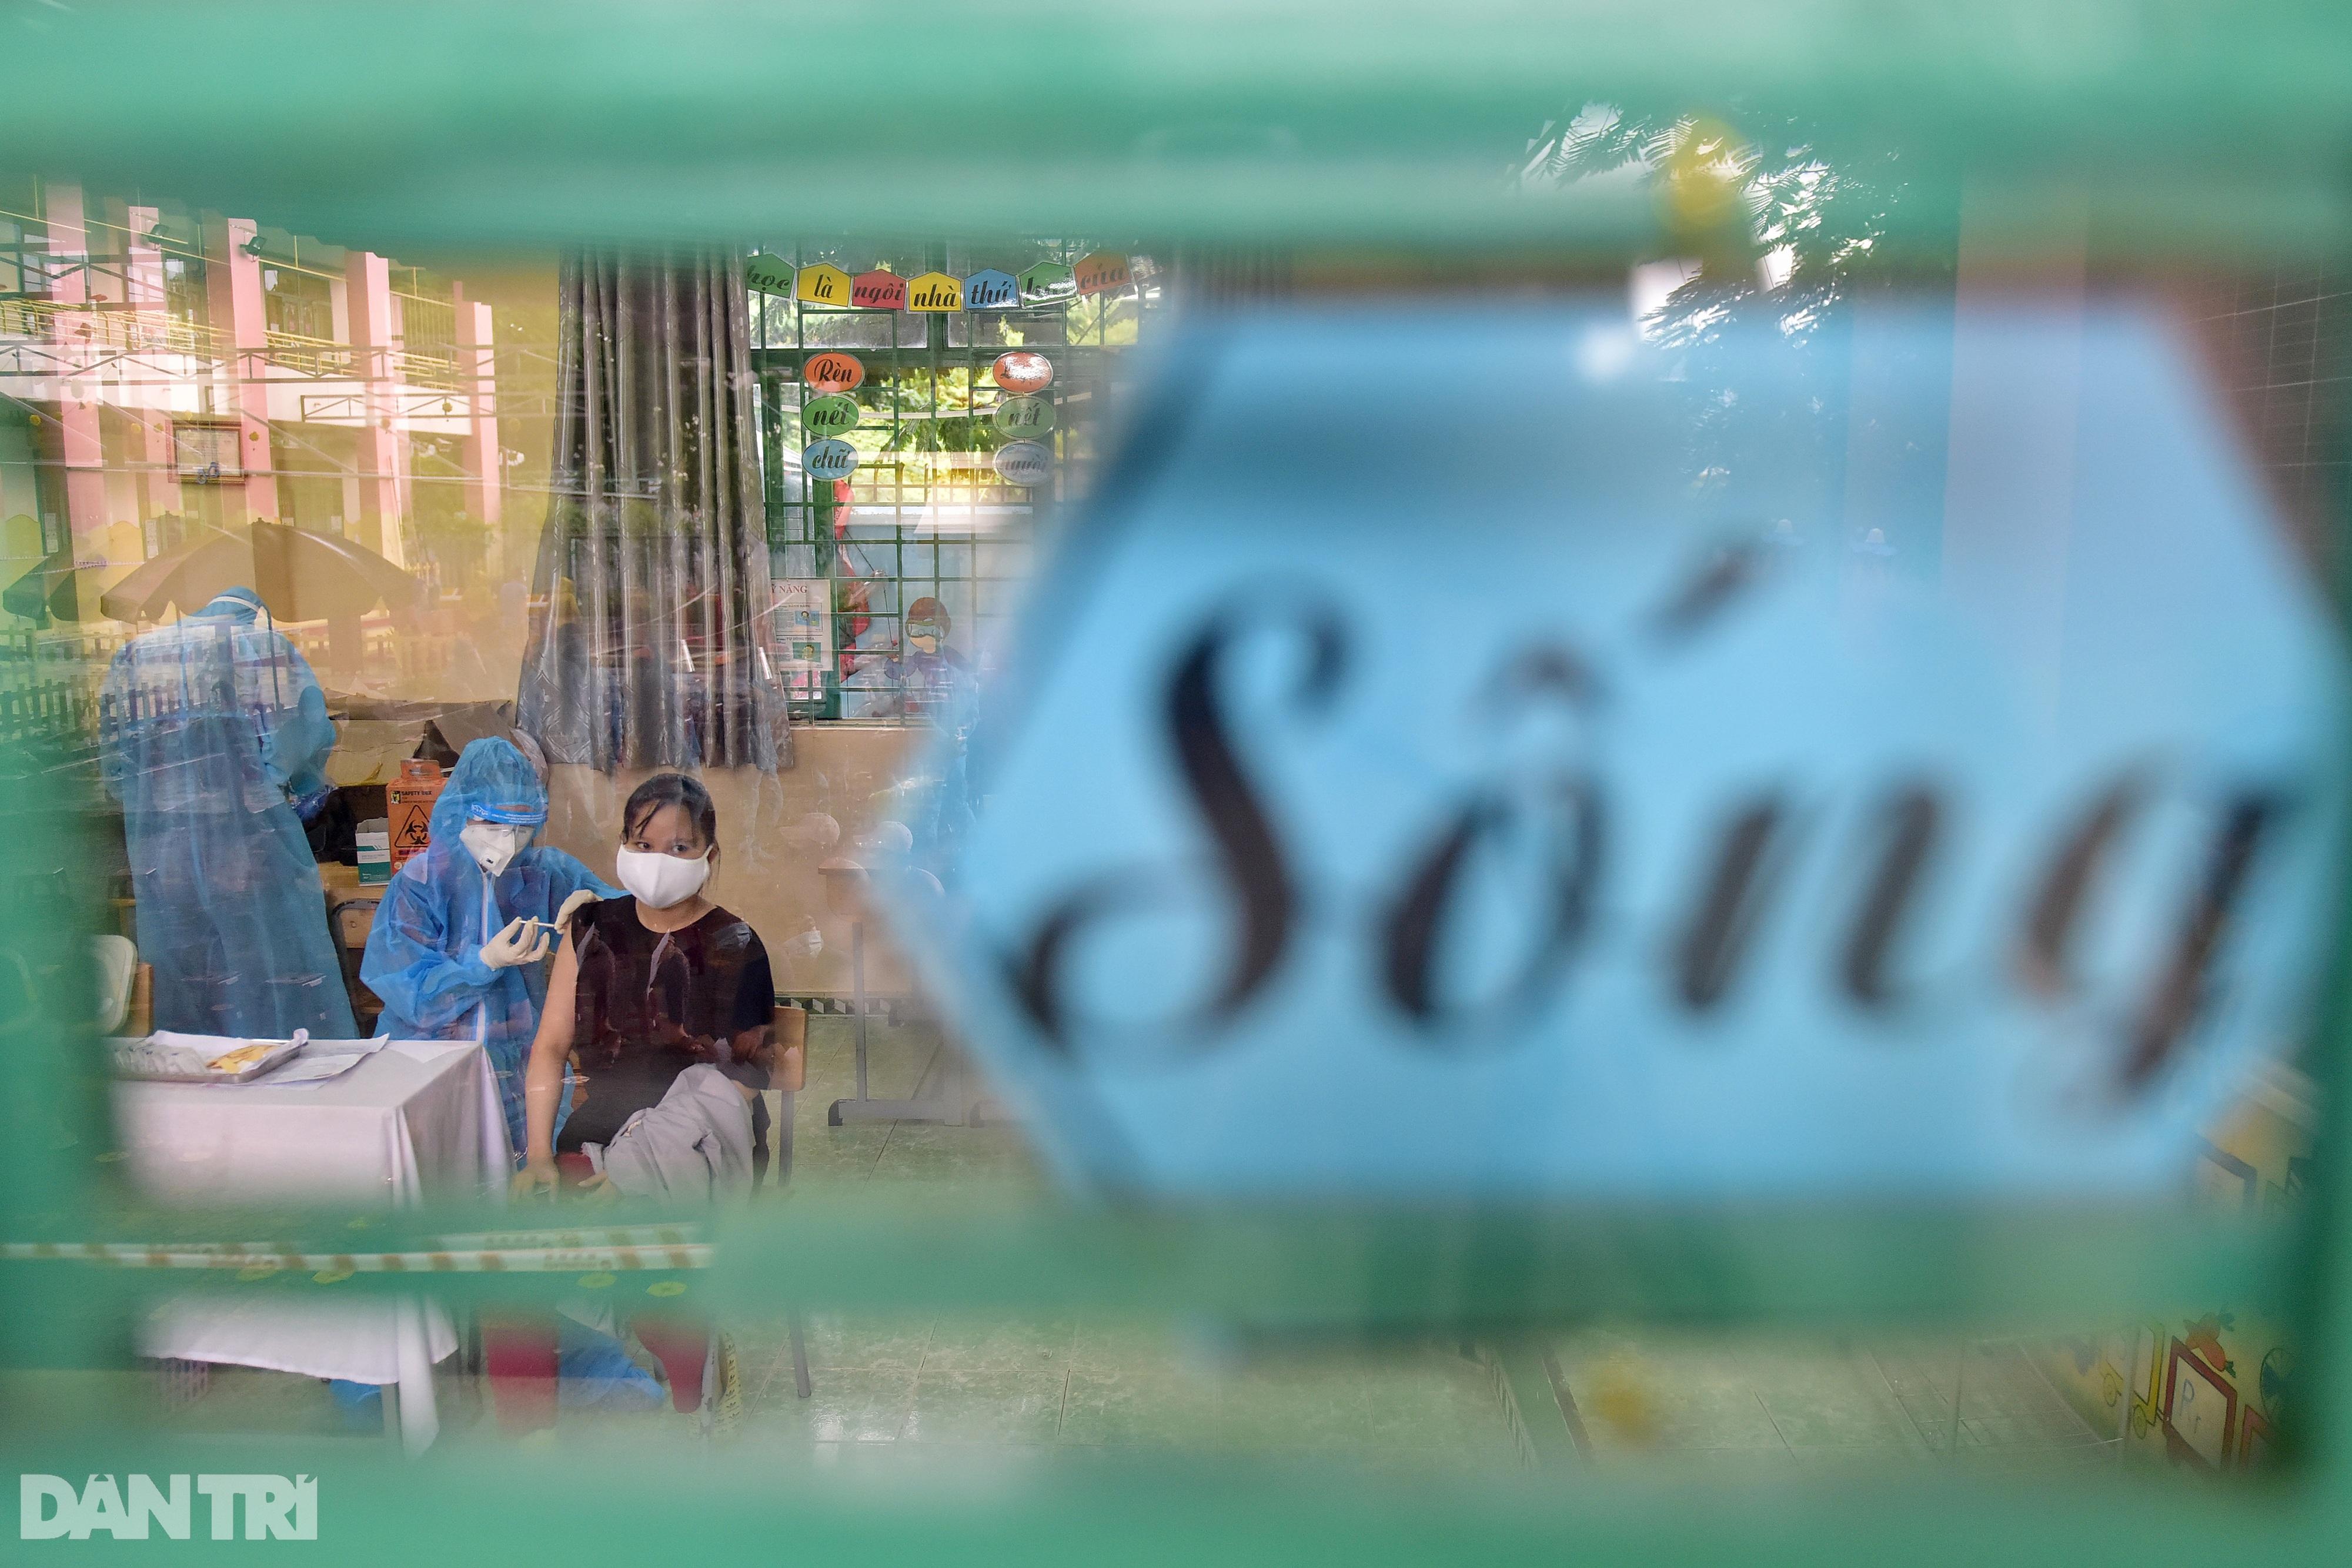 Người dân Sài Gòn xếp hàng trong mưa hơn 2 tiếng chờ tiêm vắc xin - 11